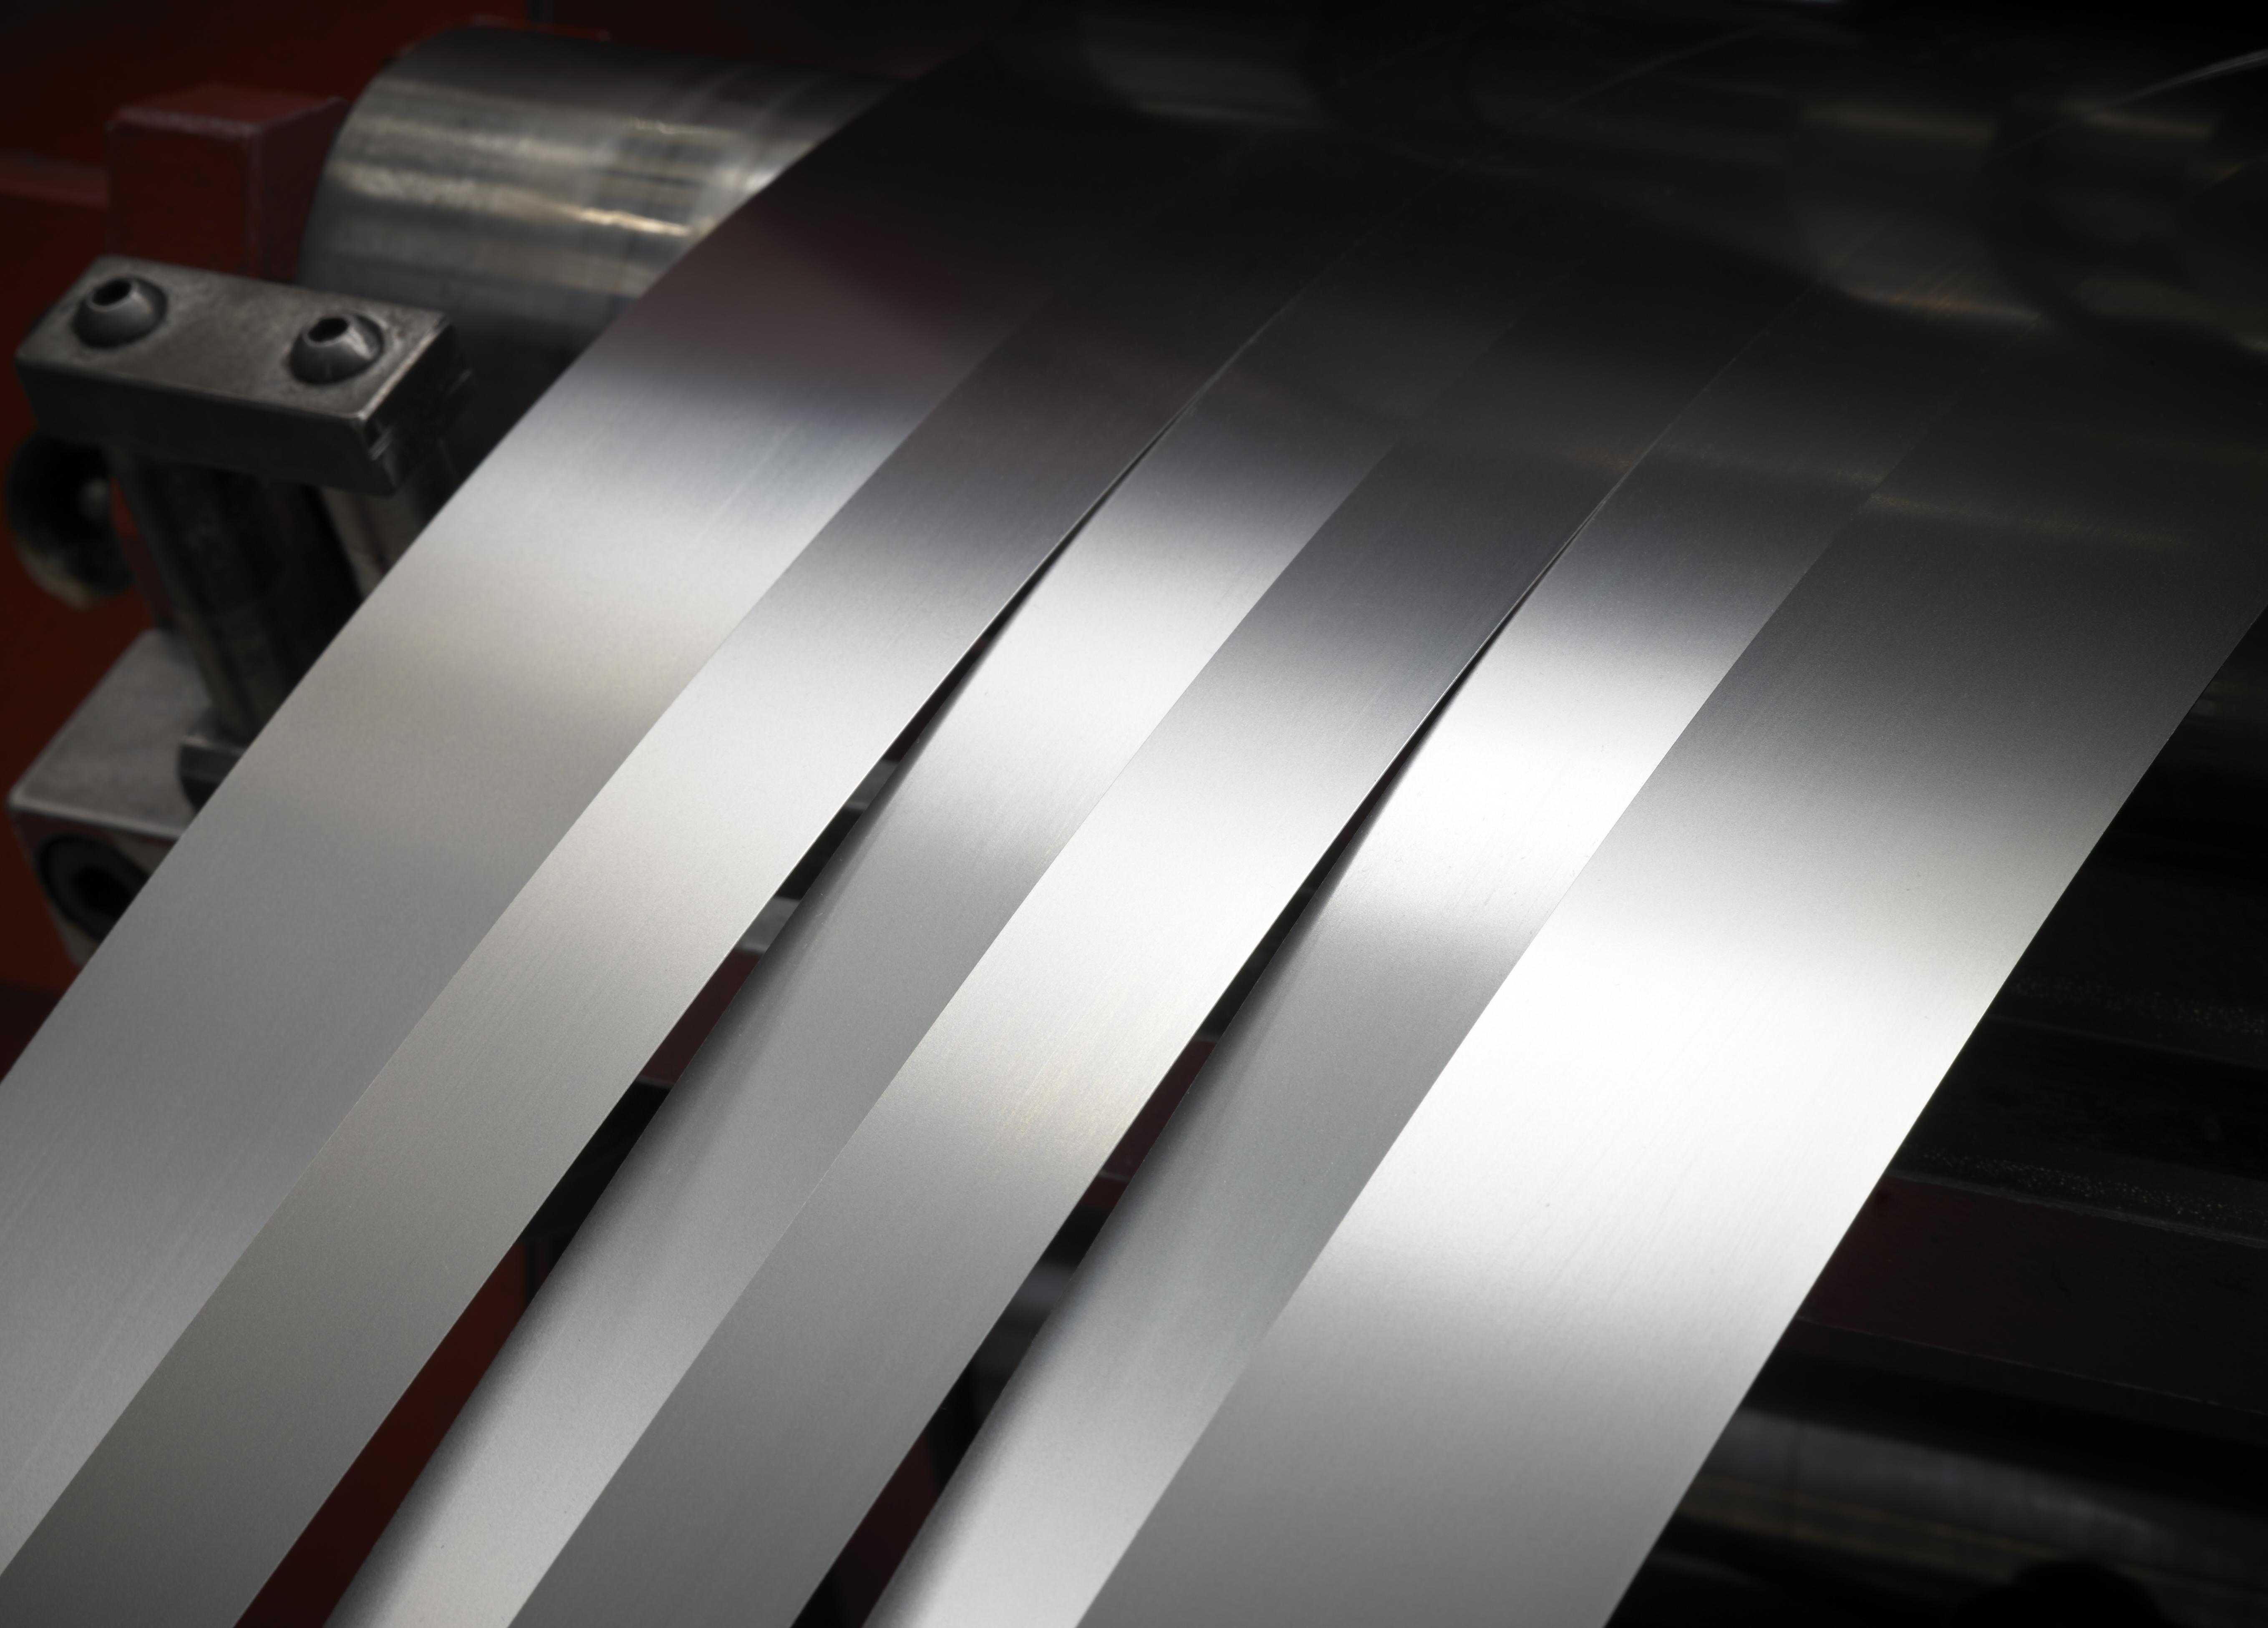 acciaio inossidabile per molle filo per molle filo acciaio inox per molle nastro acciaio armonico rotoli acciaio filo acciaio inox raddrizzatura filo